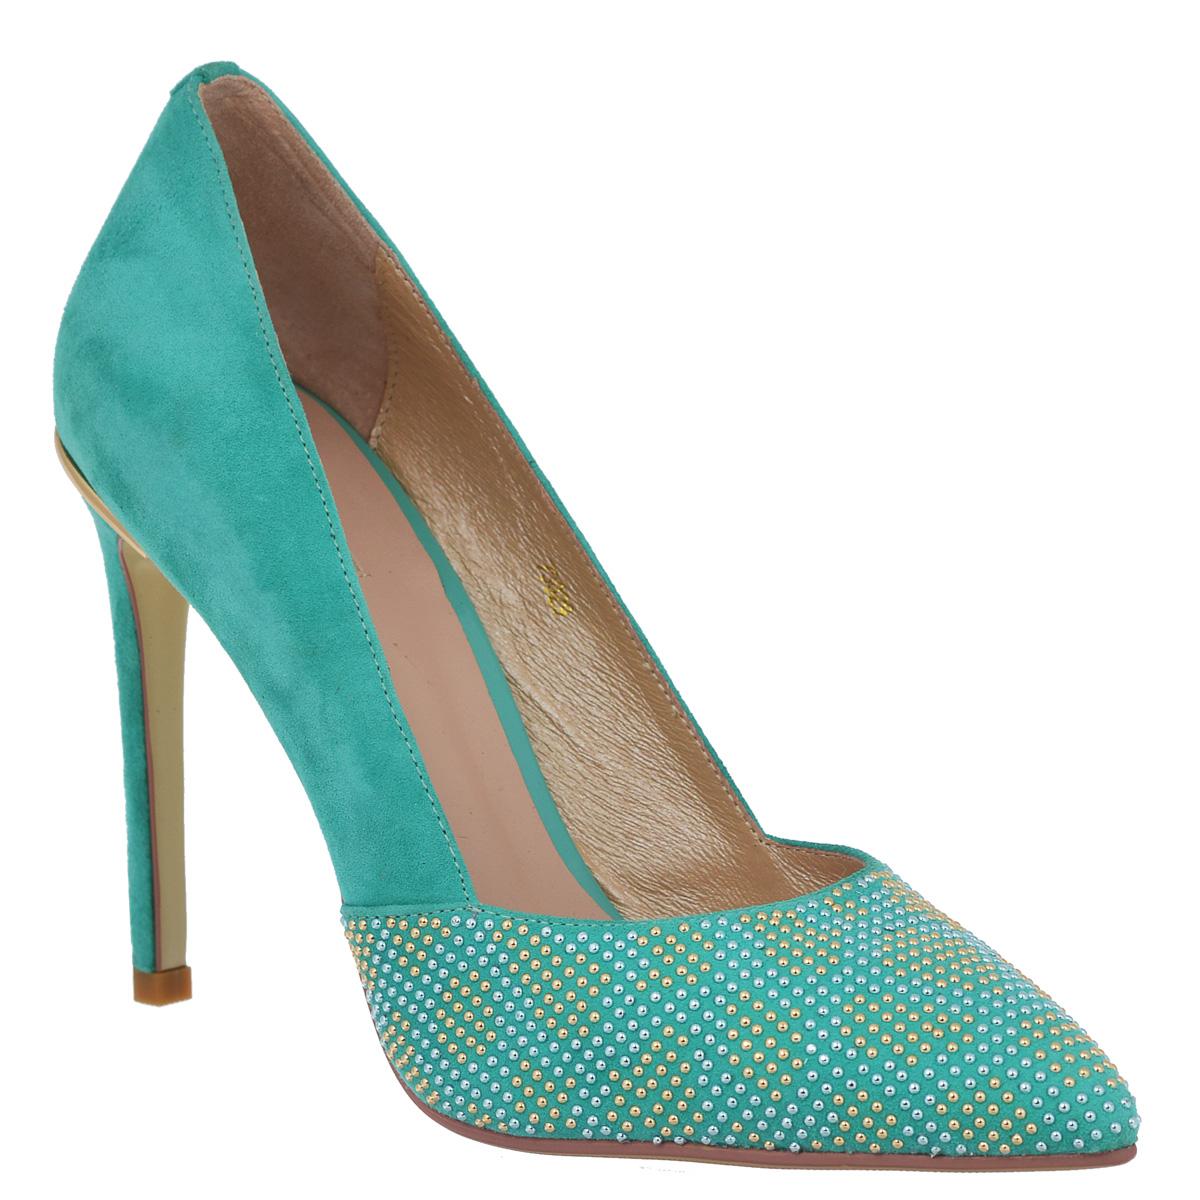 73029Ультрамодные женские туфли Vitacci займут достойное место среди вашей коллекции обуви. Модель изготовлена из высококачественной натуральной замши. Мыс туфель оформлен множеством мелких металлических бусин, задник - металлическим украшением оригинальной формы с логотипом бренда. Зауженный носок добавит женственности в ваш образ. Стелька из натуральной кожи позволяет ногам дышать. Ультравысокий каблук-шпилька компенсирован скрытой платформой. Подошва с рифлением обеспечивает отличное сцепление с любой поверхностью. Изысканные туфли добавят шика в модный образ и подчеркнут ваш безупречный вкус.